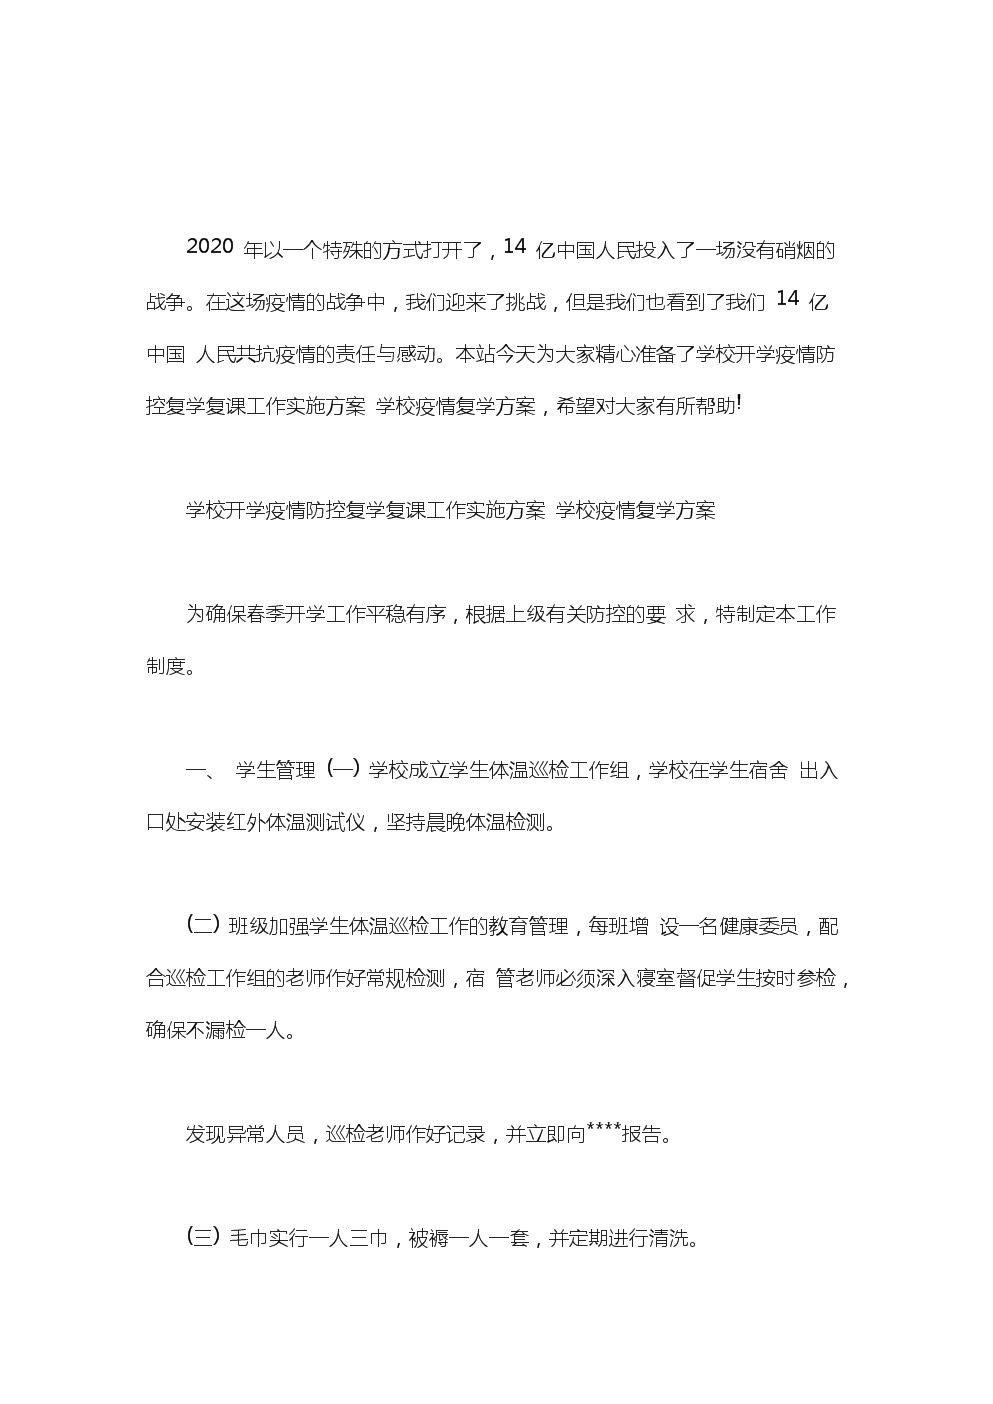 学校开学疫情防控复学复课工作实施方案 学校疫情复学方案.doc